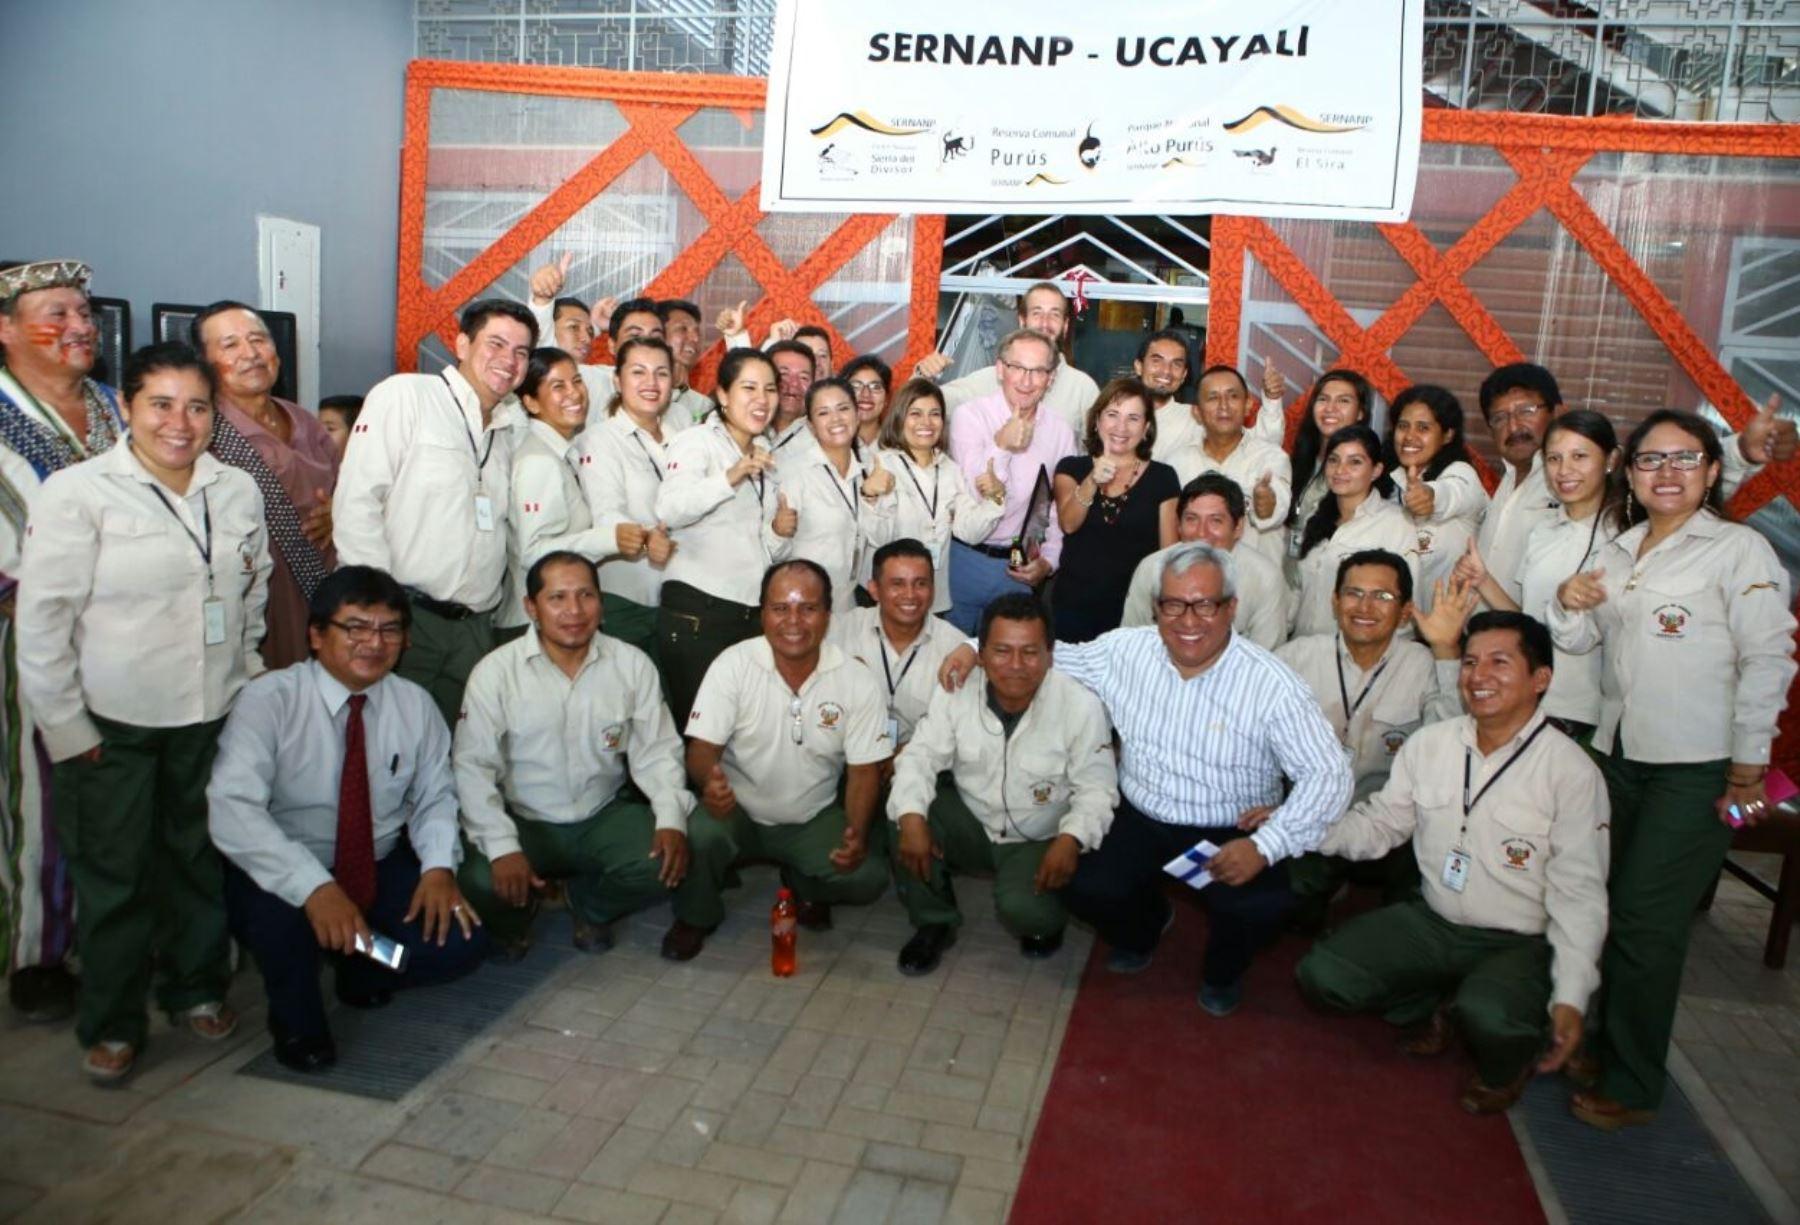 Sede del Sernanp en Ucayali articulará acciones para conservación de áreas naturales protegidas de esa región.